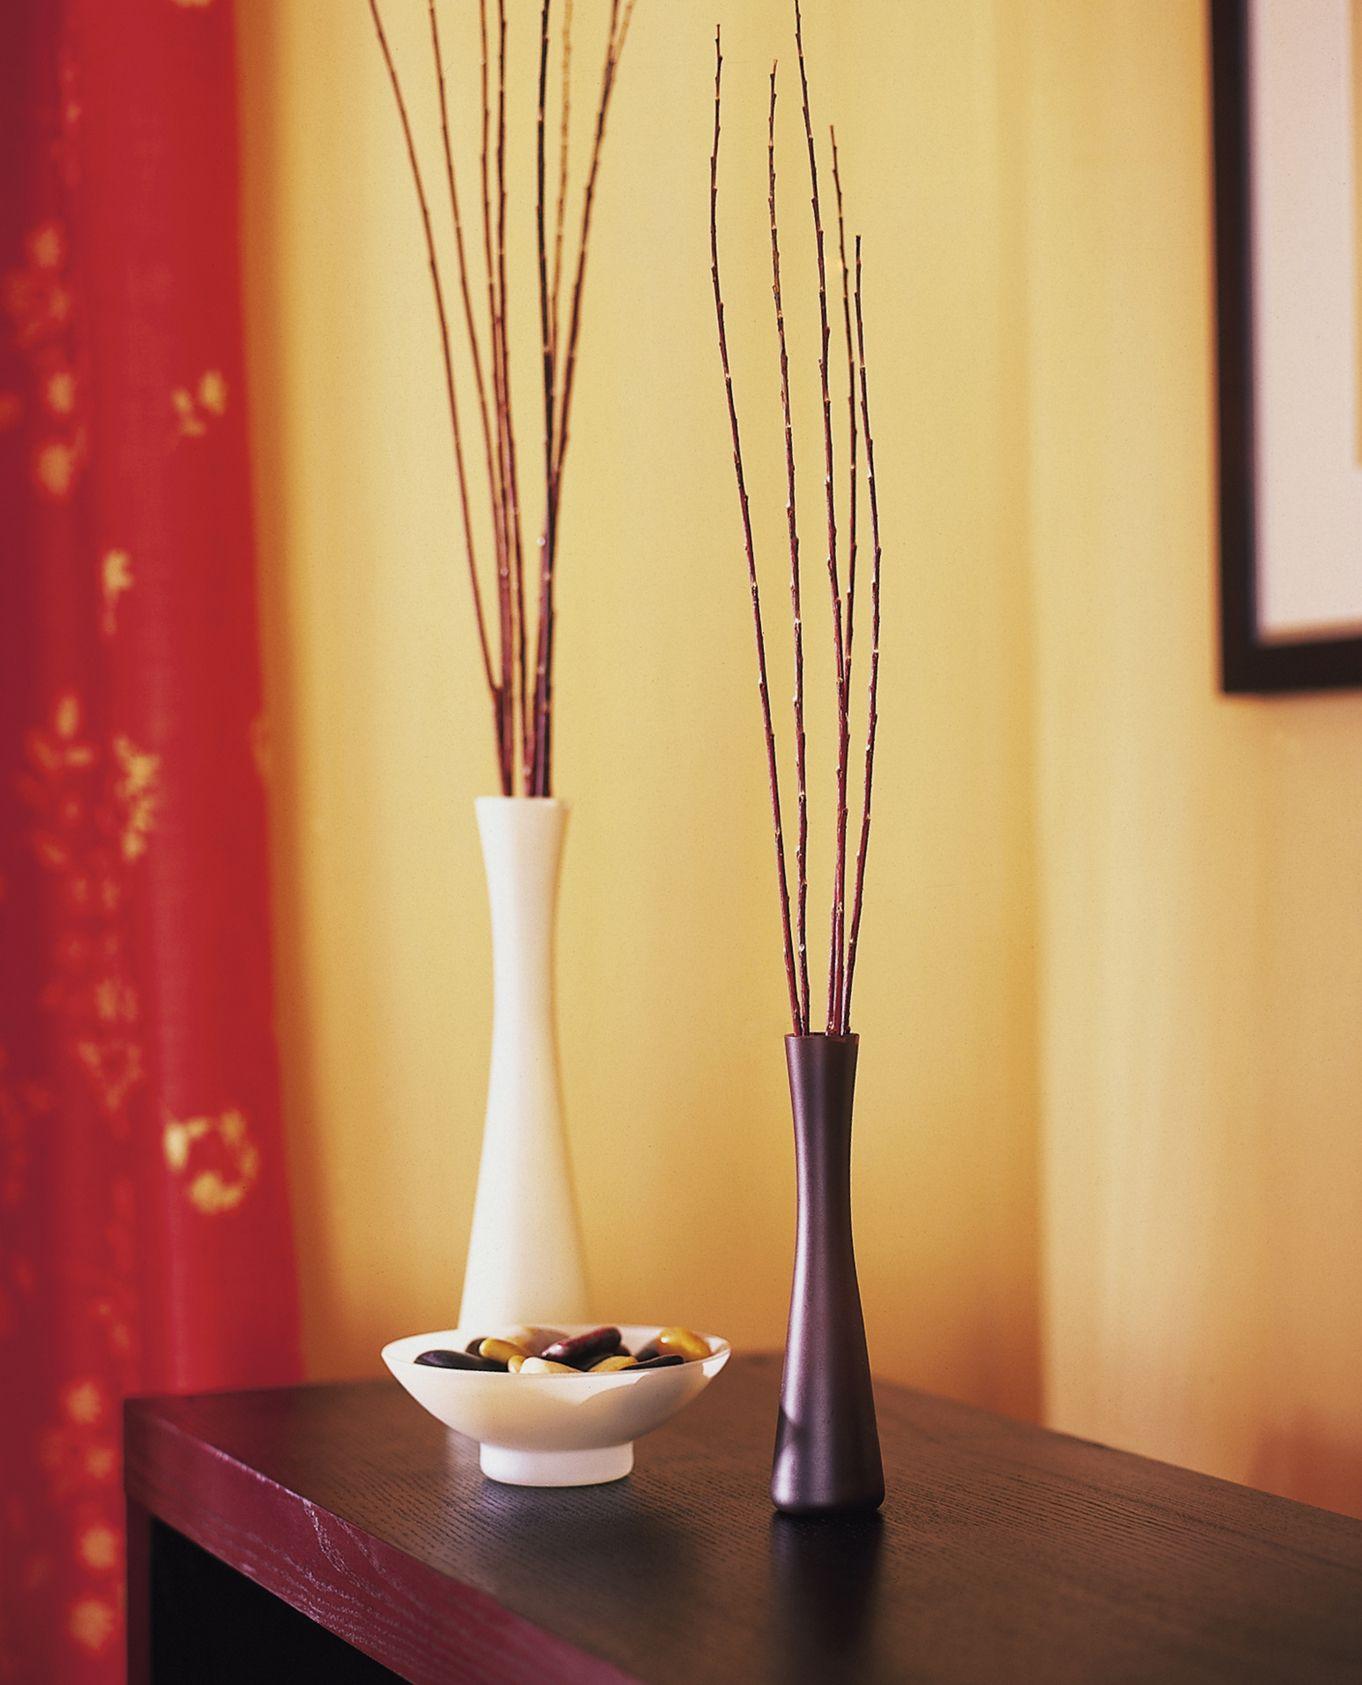 Hay colores que reflejan elegancia y se complementan muy - Objetos rusticos para decoracion ...